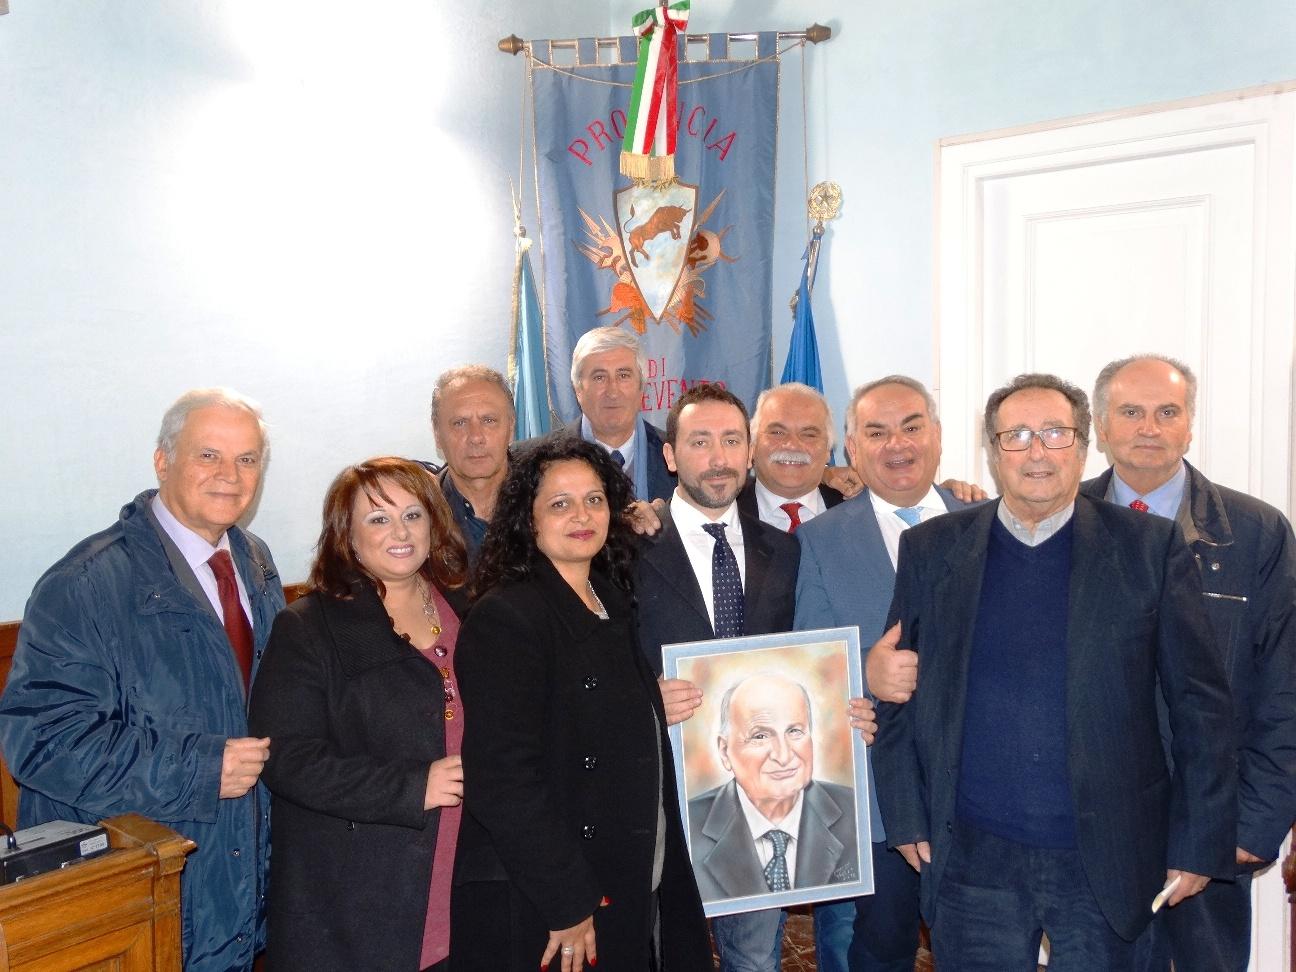 La Provincia e gli Amministratori di Apice commemorano Luigi Bocchino